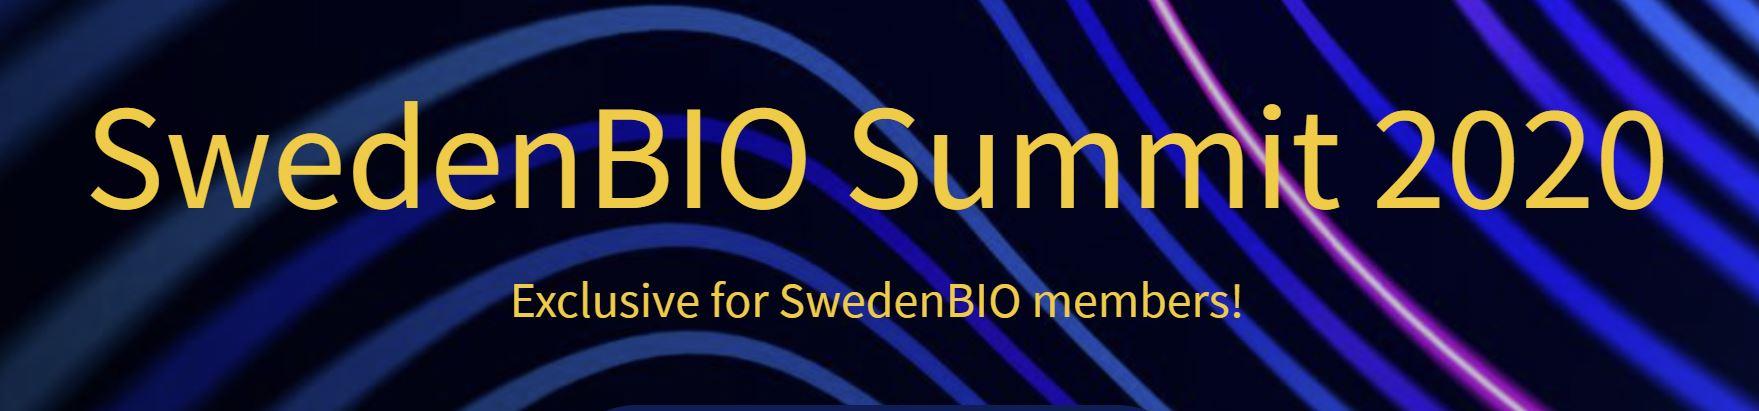 Swedenbio summit 2020